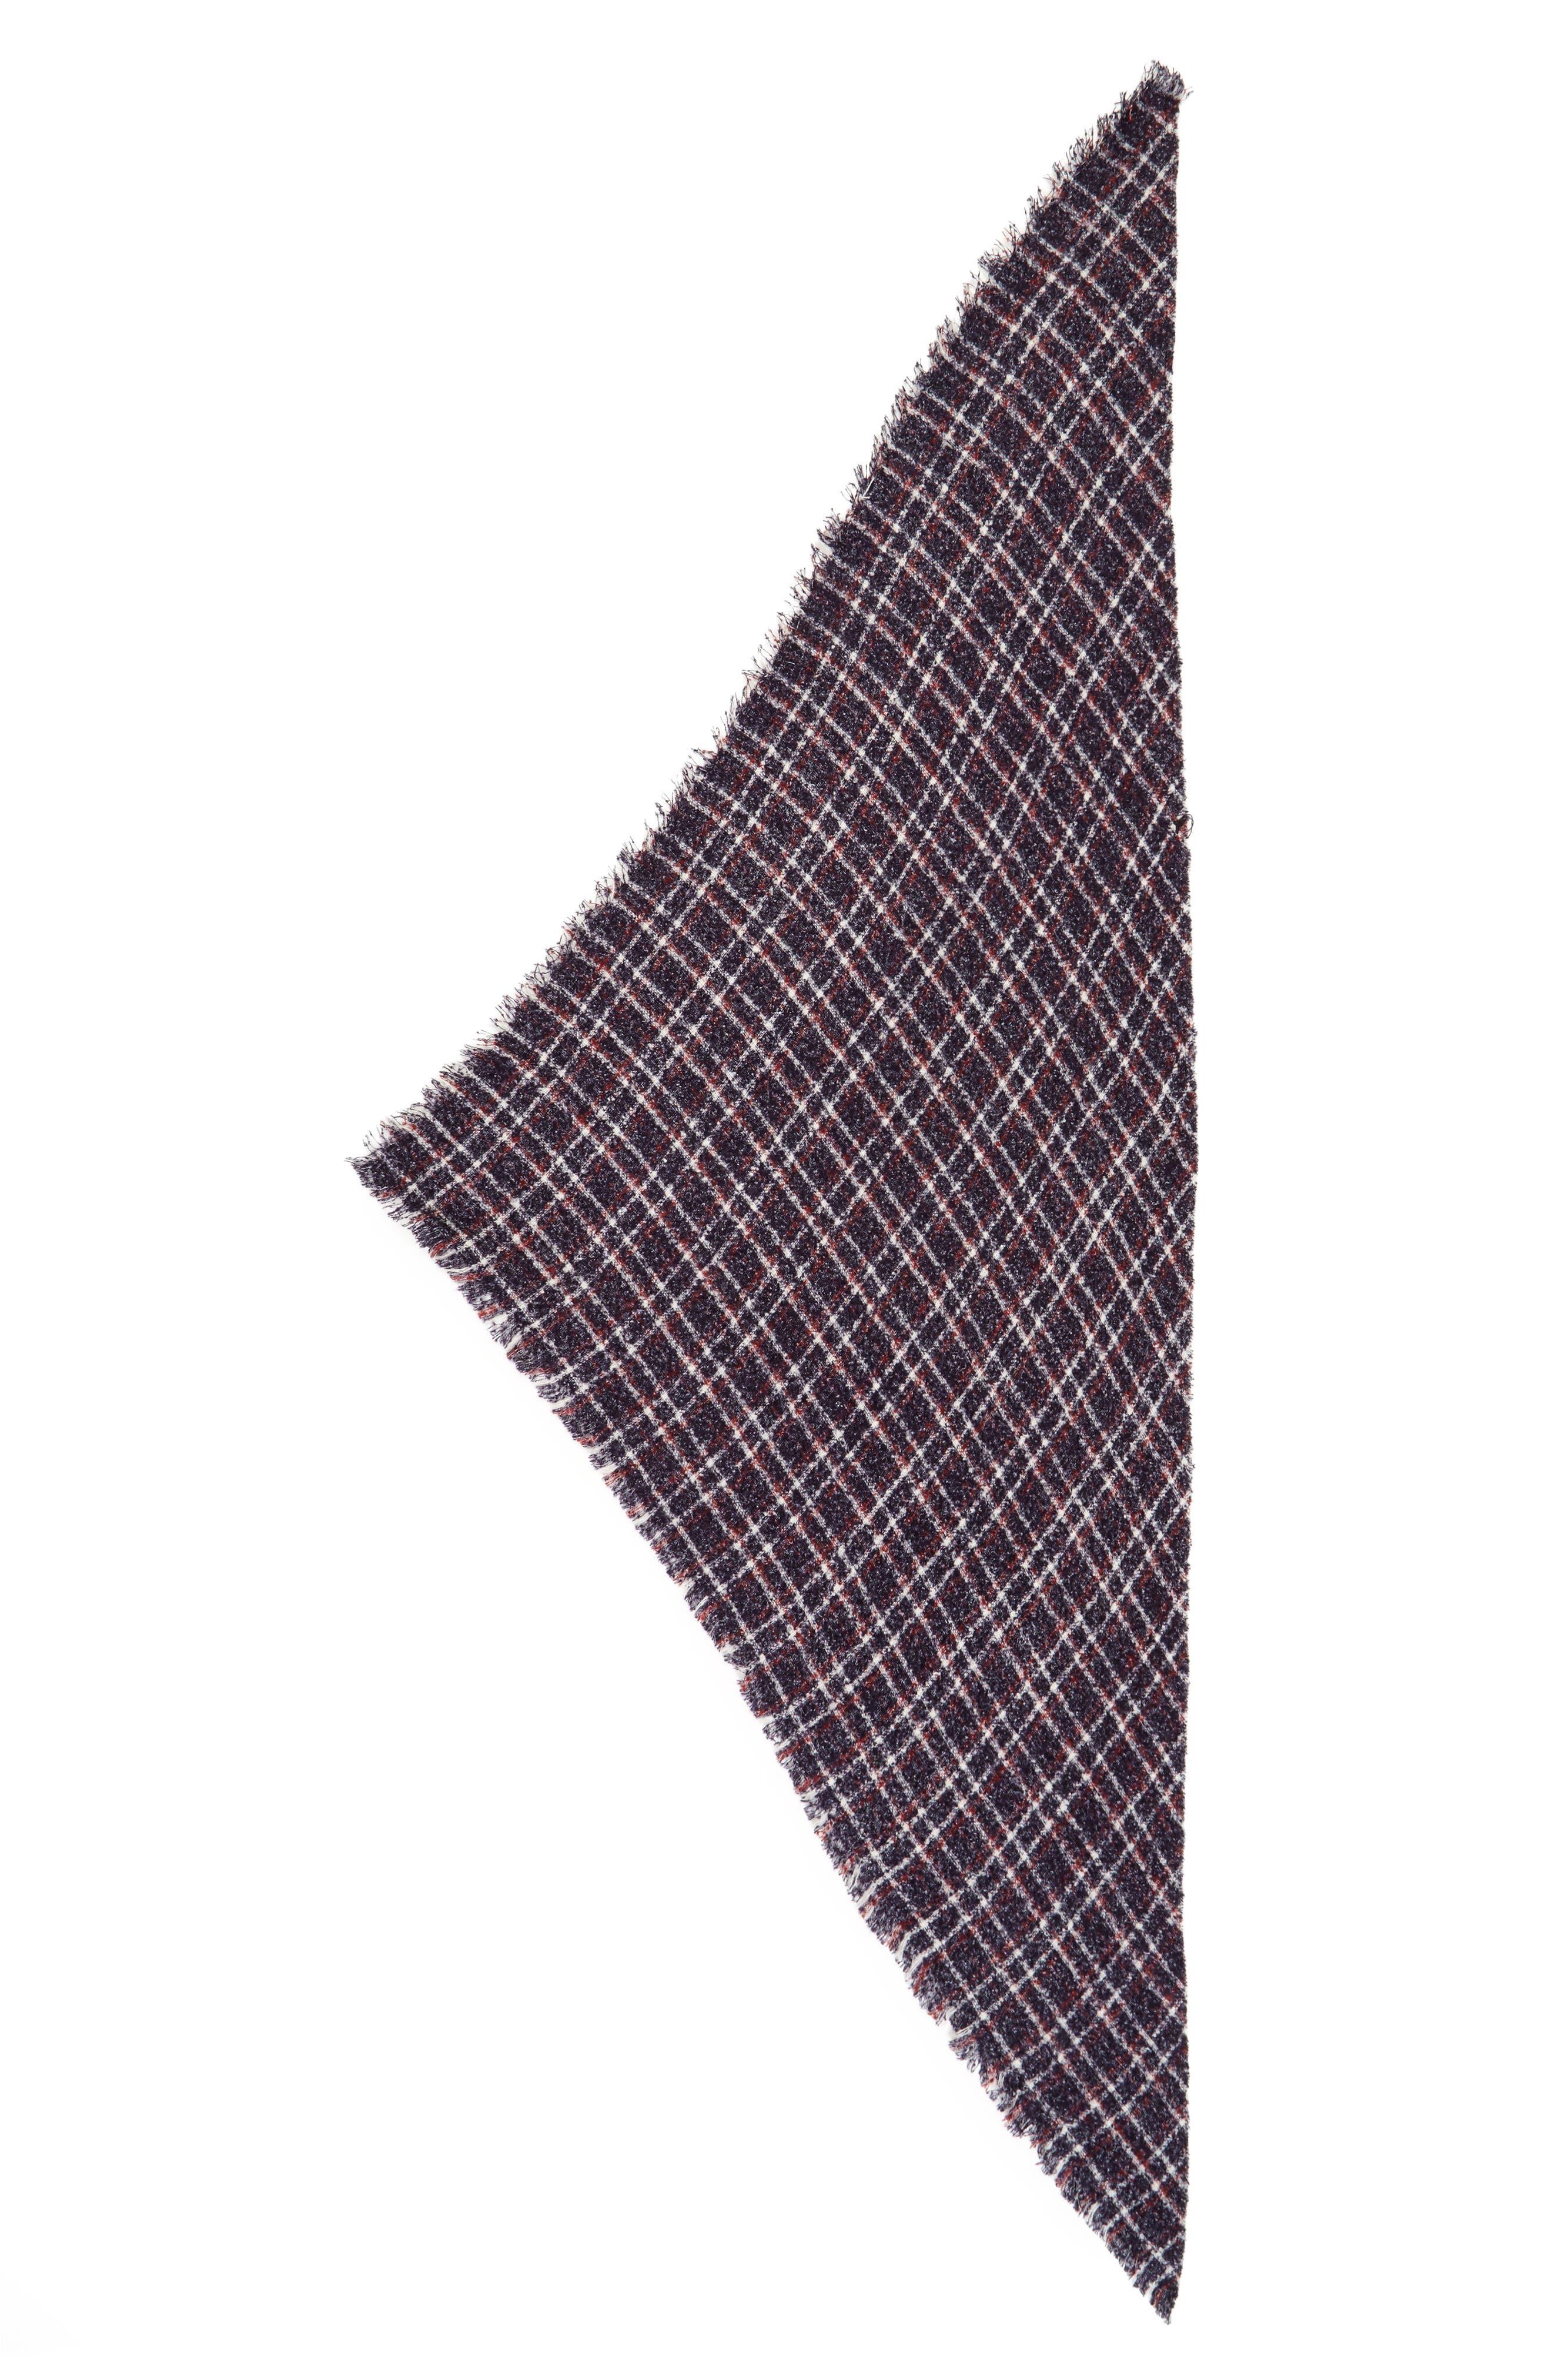 Bouclé Plaid Triangle Scarf,                             Alternate thumbnail 2, color,                             410